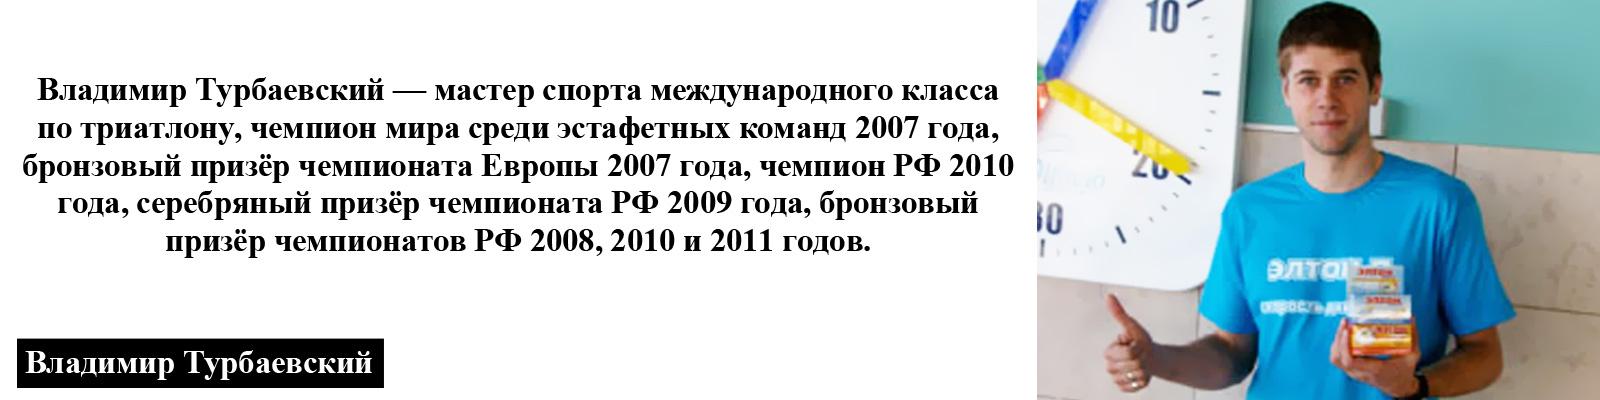 Триатлонист Владимир Турбаевский